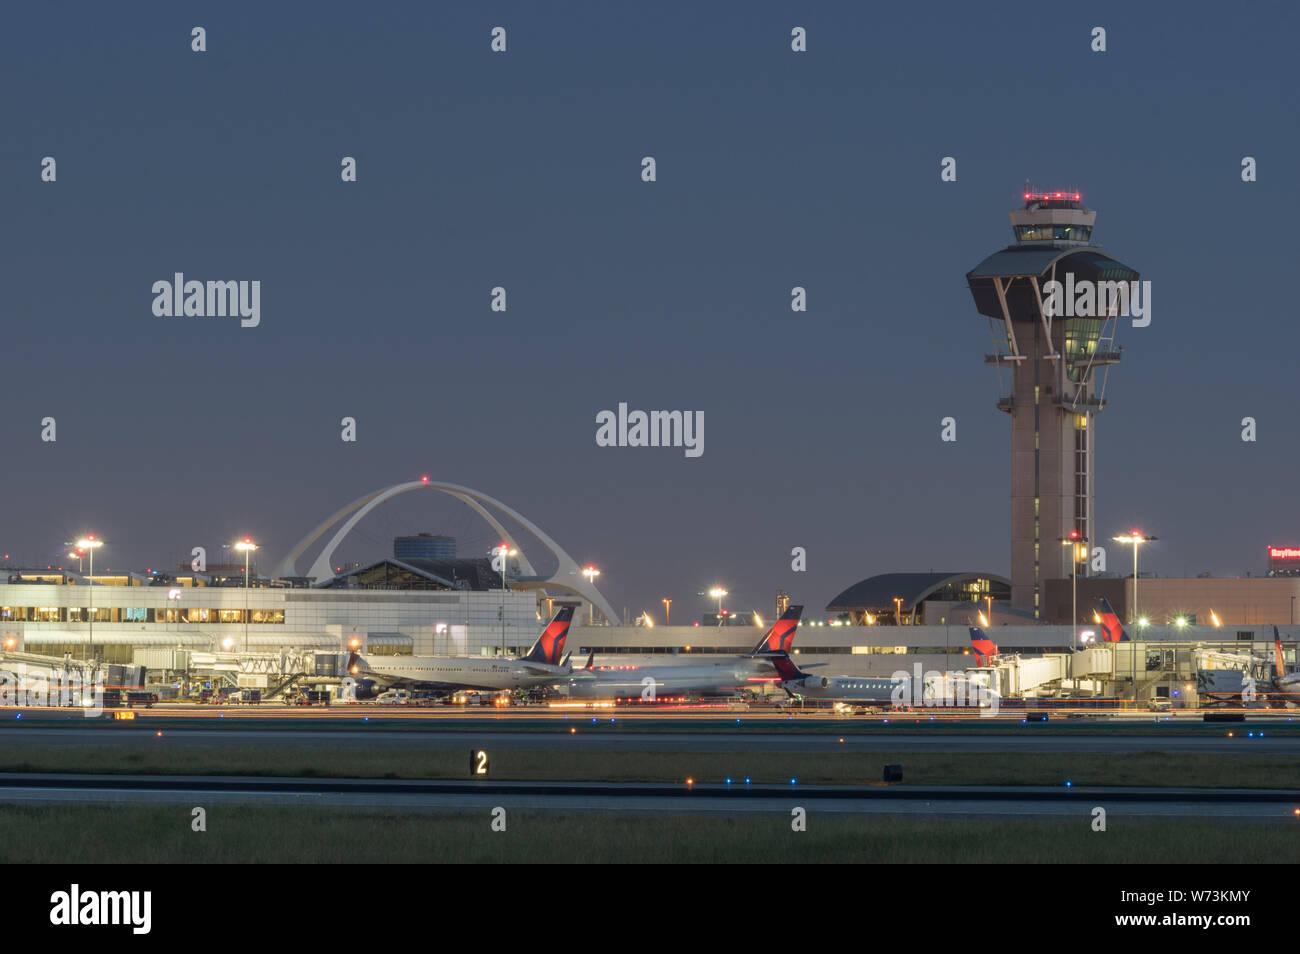 Imagen de la construcción del tema y la torre de control y Delta Air Lines chorros en la puerta en el Aeropuerto Internacional de Los Angeles, LAX, al anochecer. Foto de stock